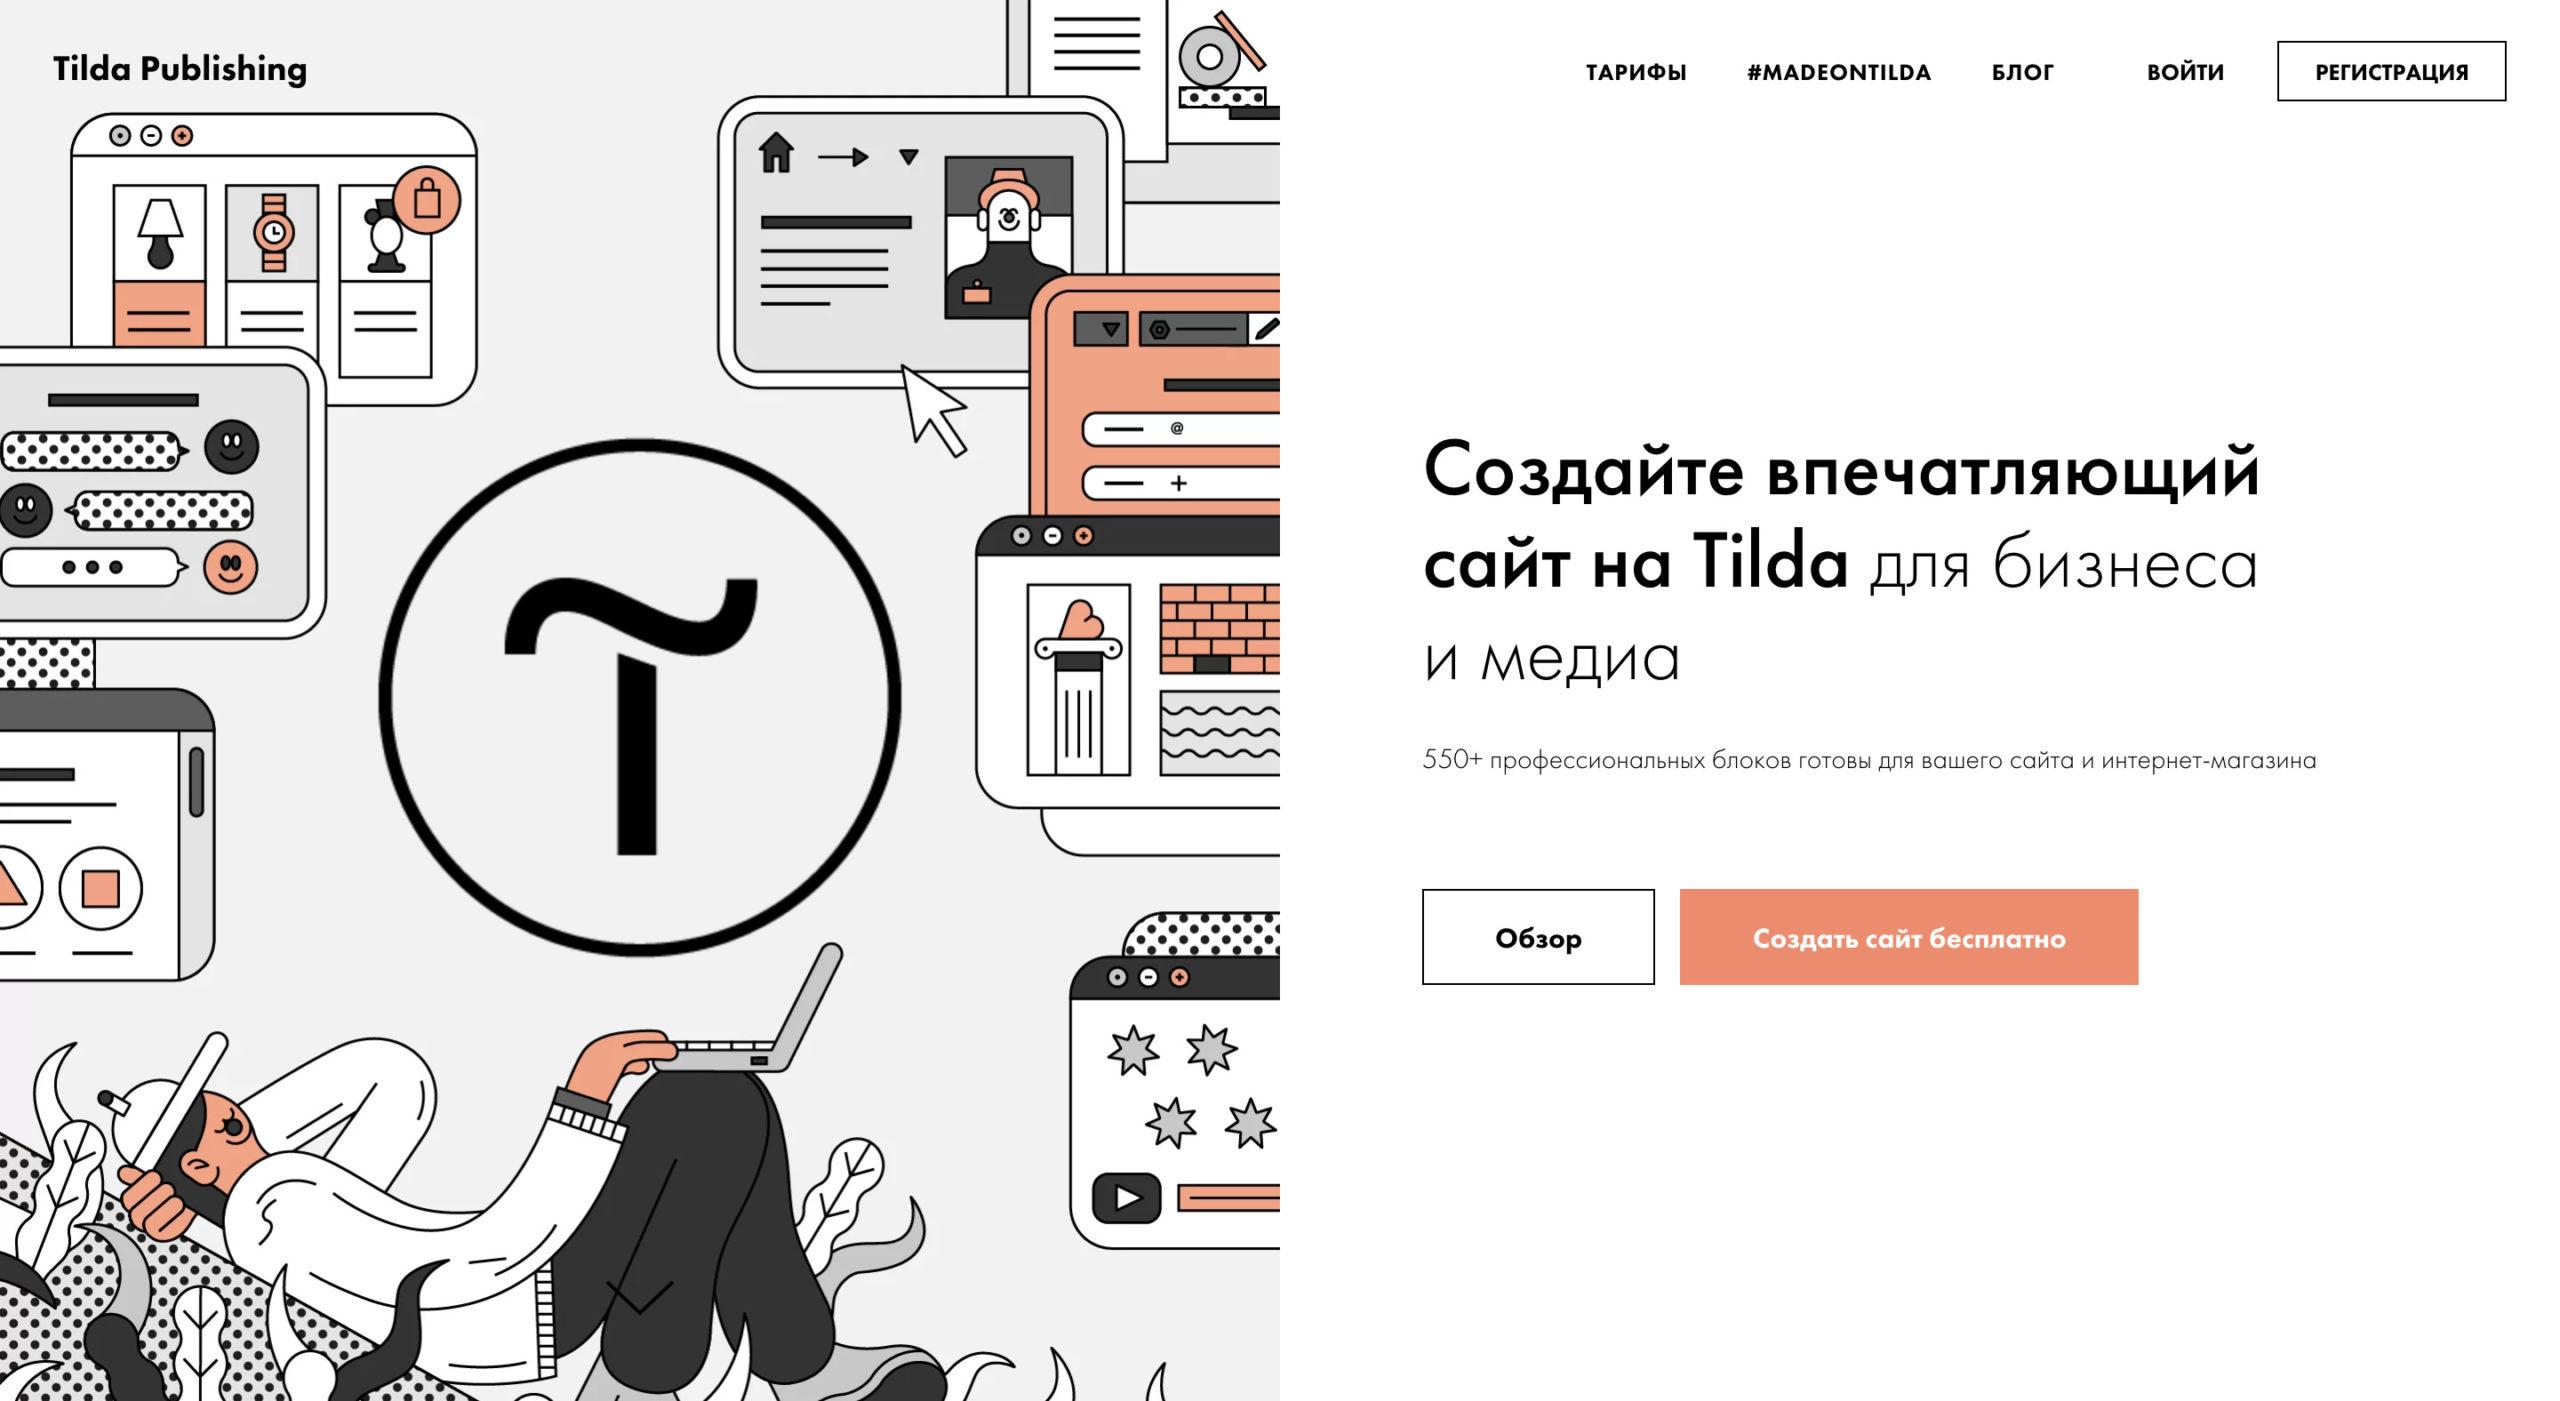 Лучшие конструкторы интернет-магазинов, ТОП-20 сервисов